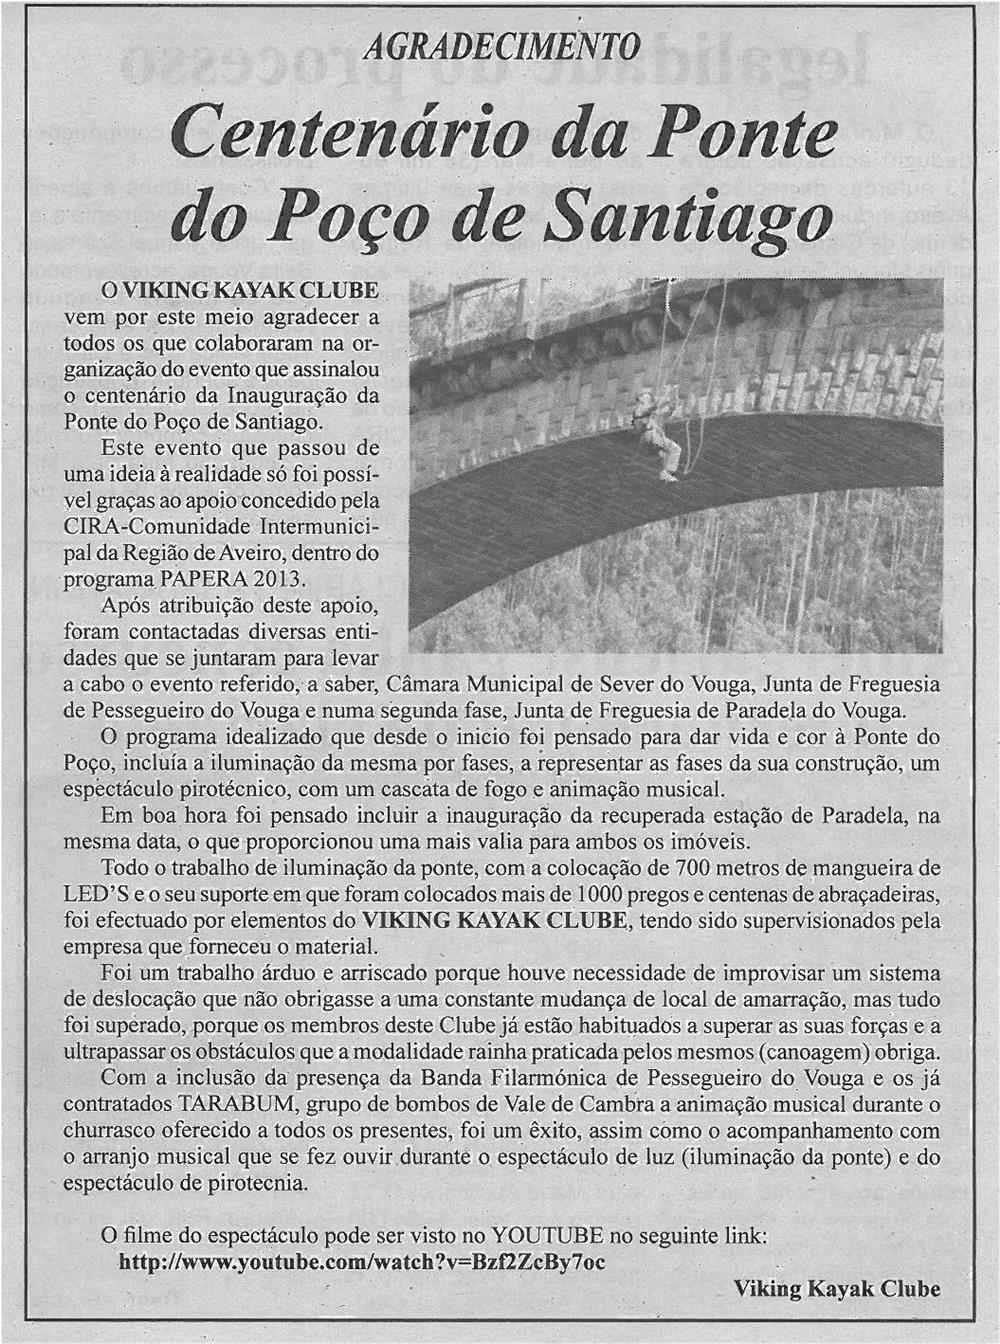 BV-1ªago'13-p5-Centenário da Ponte do Poço de Santiago